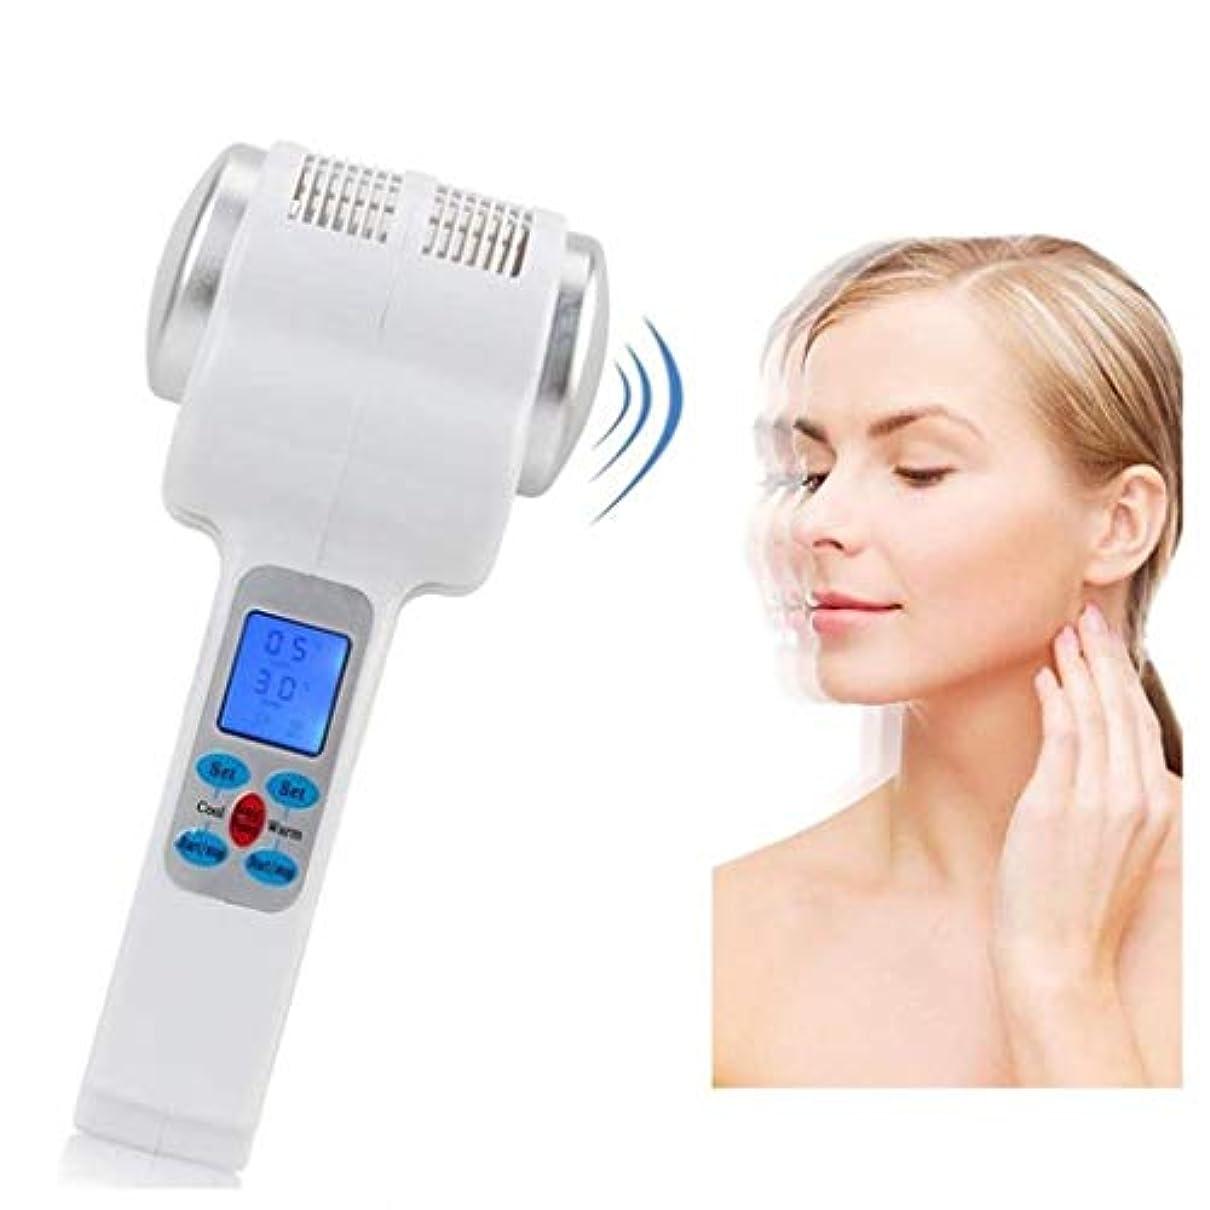 ガソリン着る遵守する美容器具、顔の振動マッサージ、ホット凍結療法、リフティングフェイシャルスキンビューティーマシン、肌を引き締めて細い線を改善する